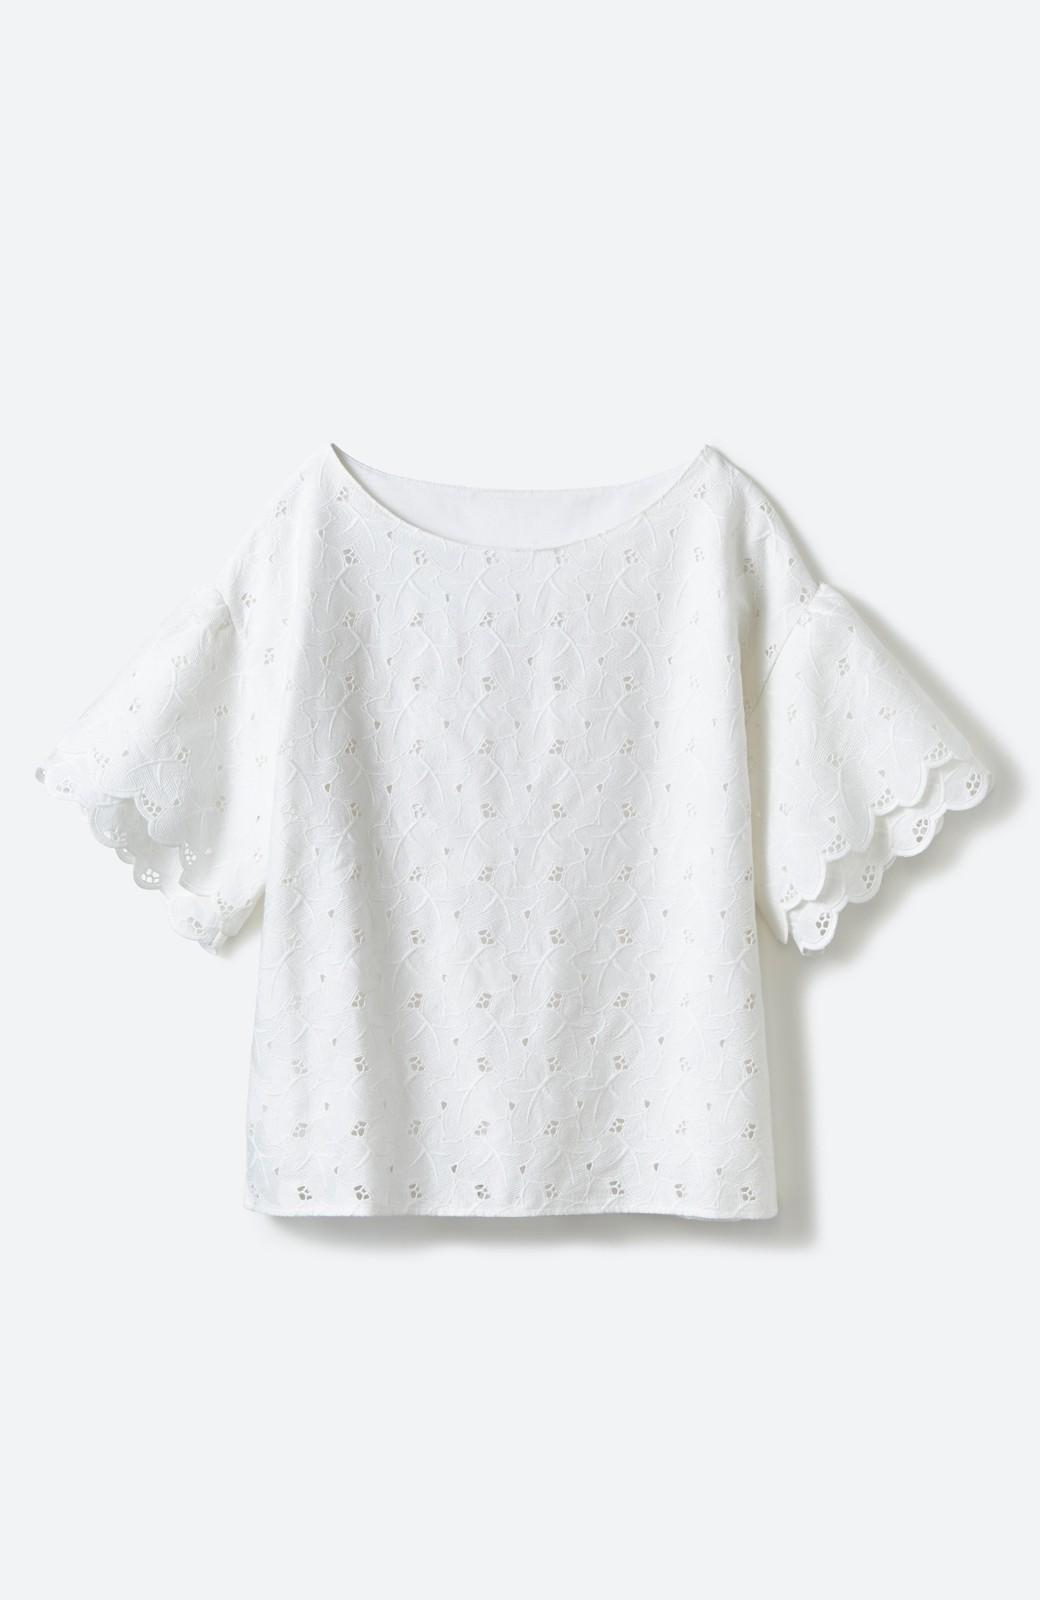 エムトロワ Tシャツ感覚で着られる フラワーレースのティアードスリーブトップス <ホワイト>の商品写真2